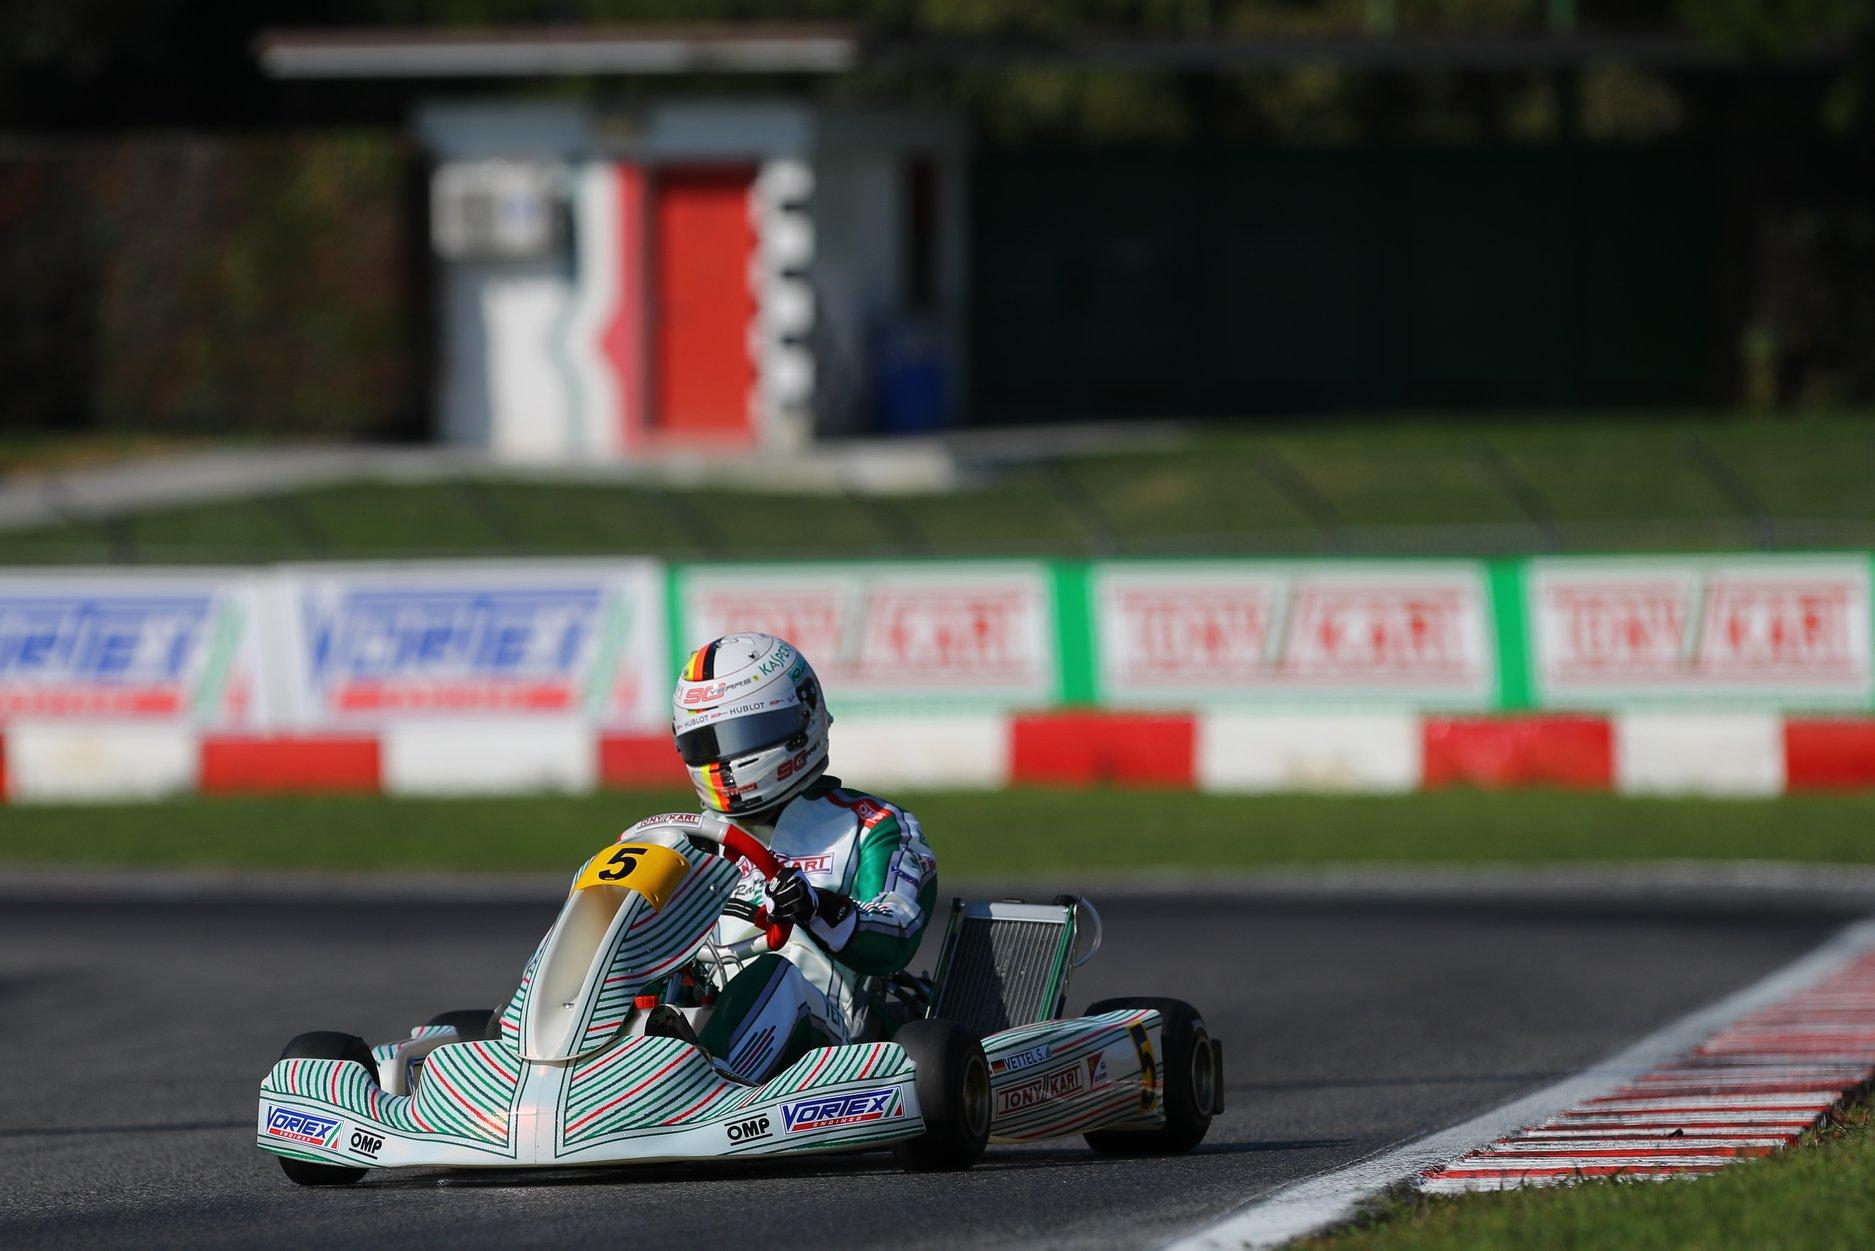 Sebastian_Vettel_testing_Tony_Kart_0018